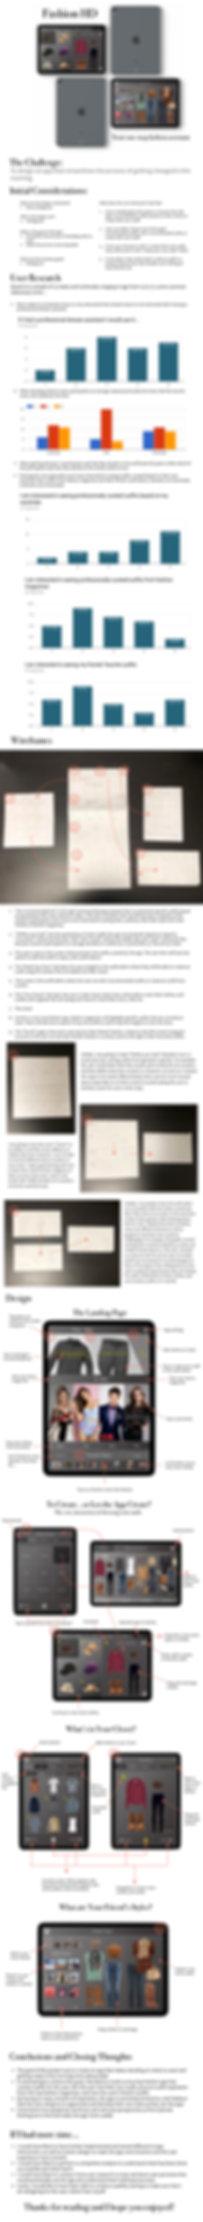 Christian_Leong_DesignChallenge.jpg